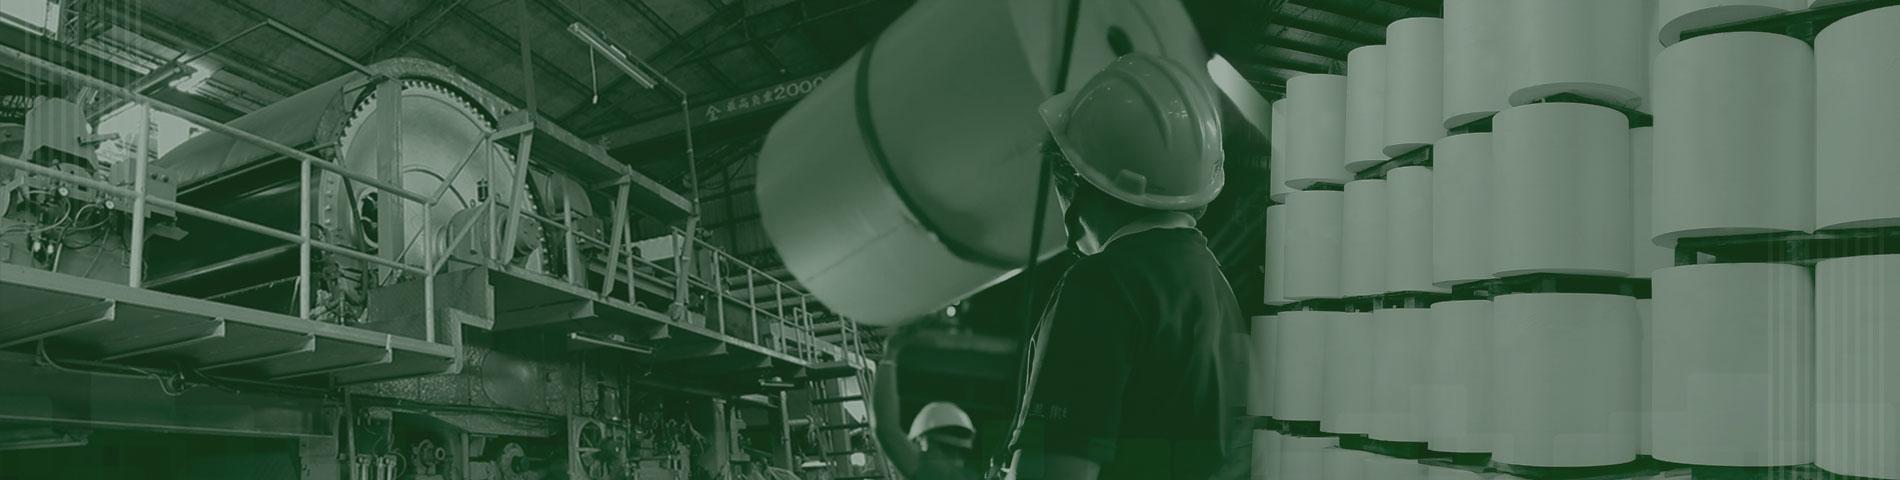 Empresa de papel Puli Fabricante de papel especial